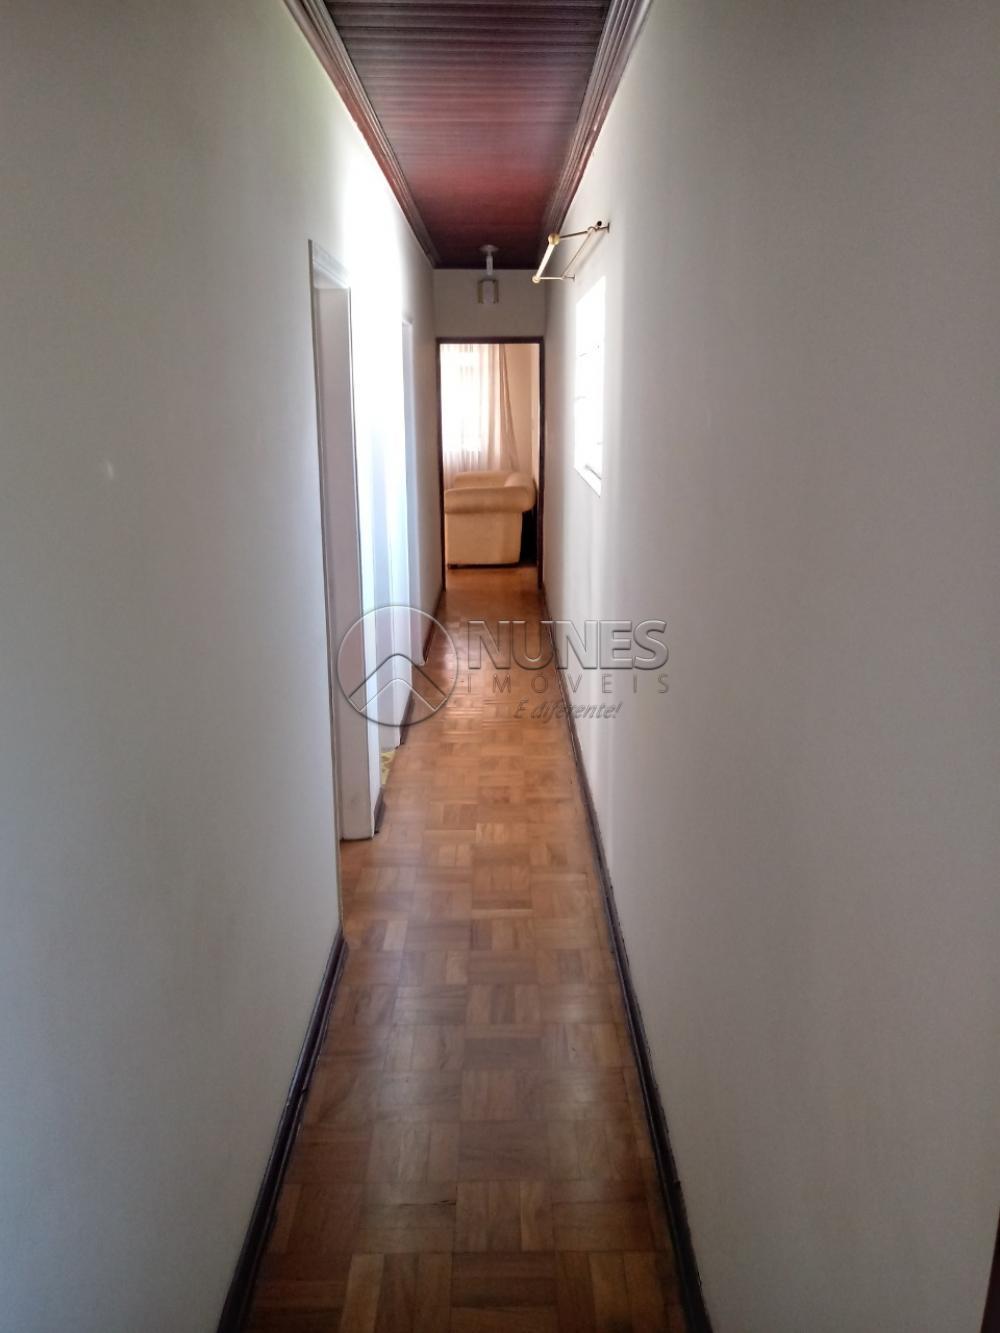 Comprar Casa / Terrea em Osasco apenas R$ 480.000,00 - Foto 6